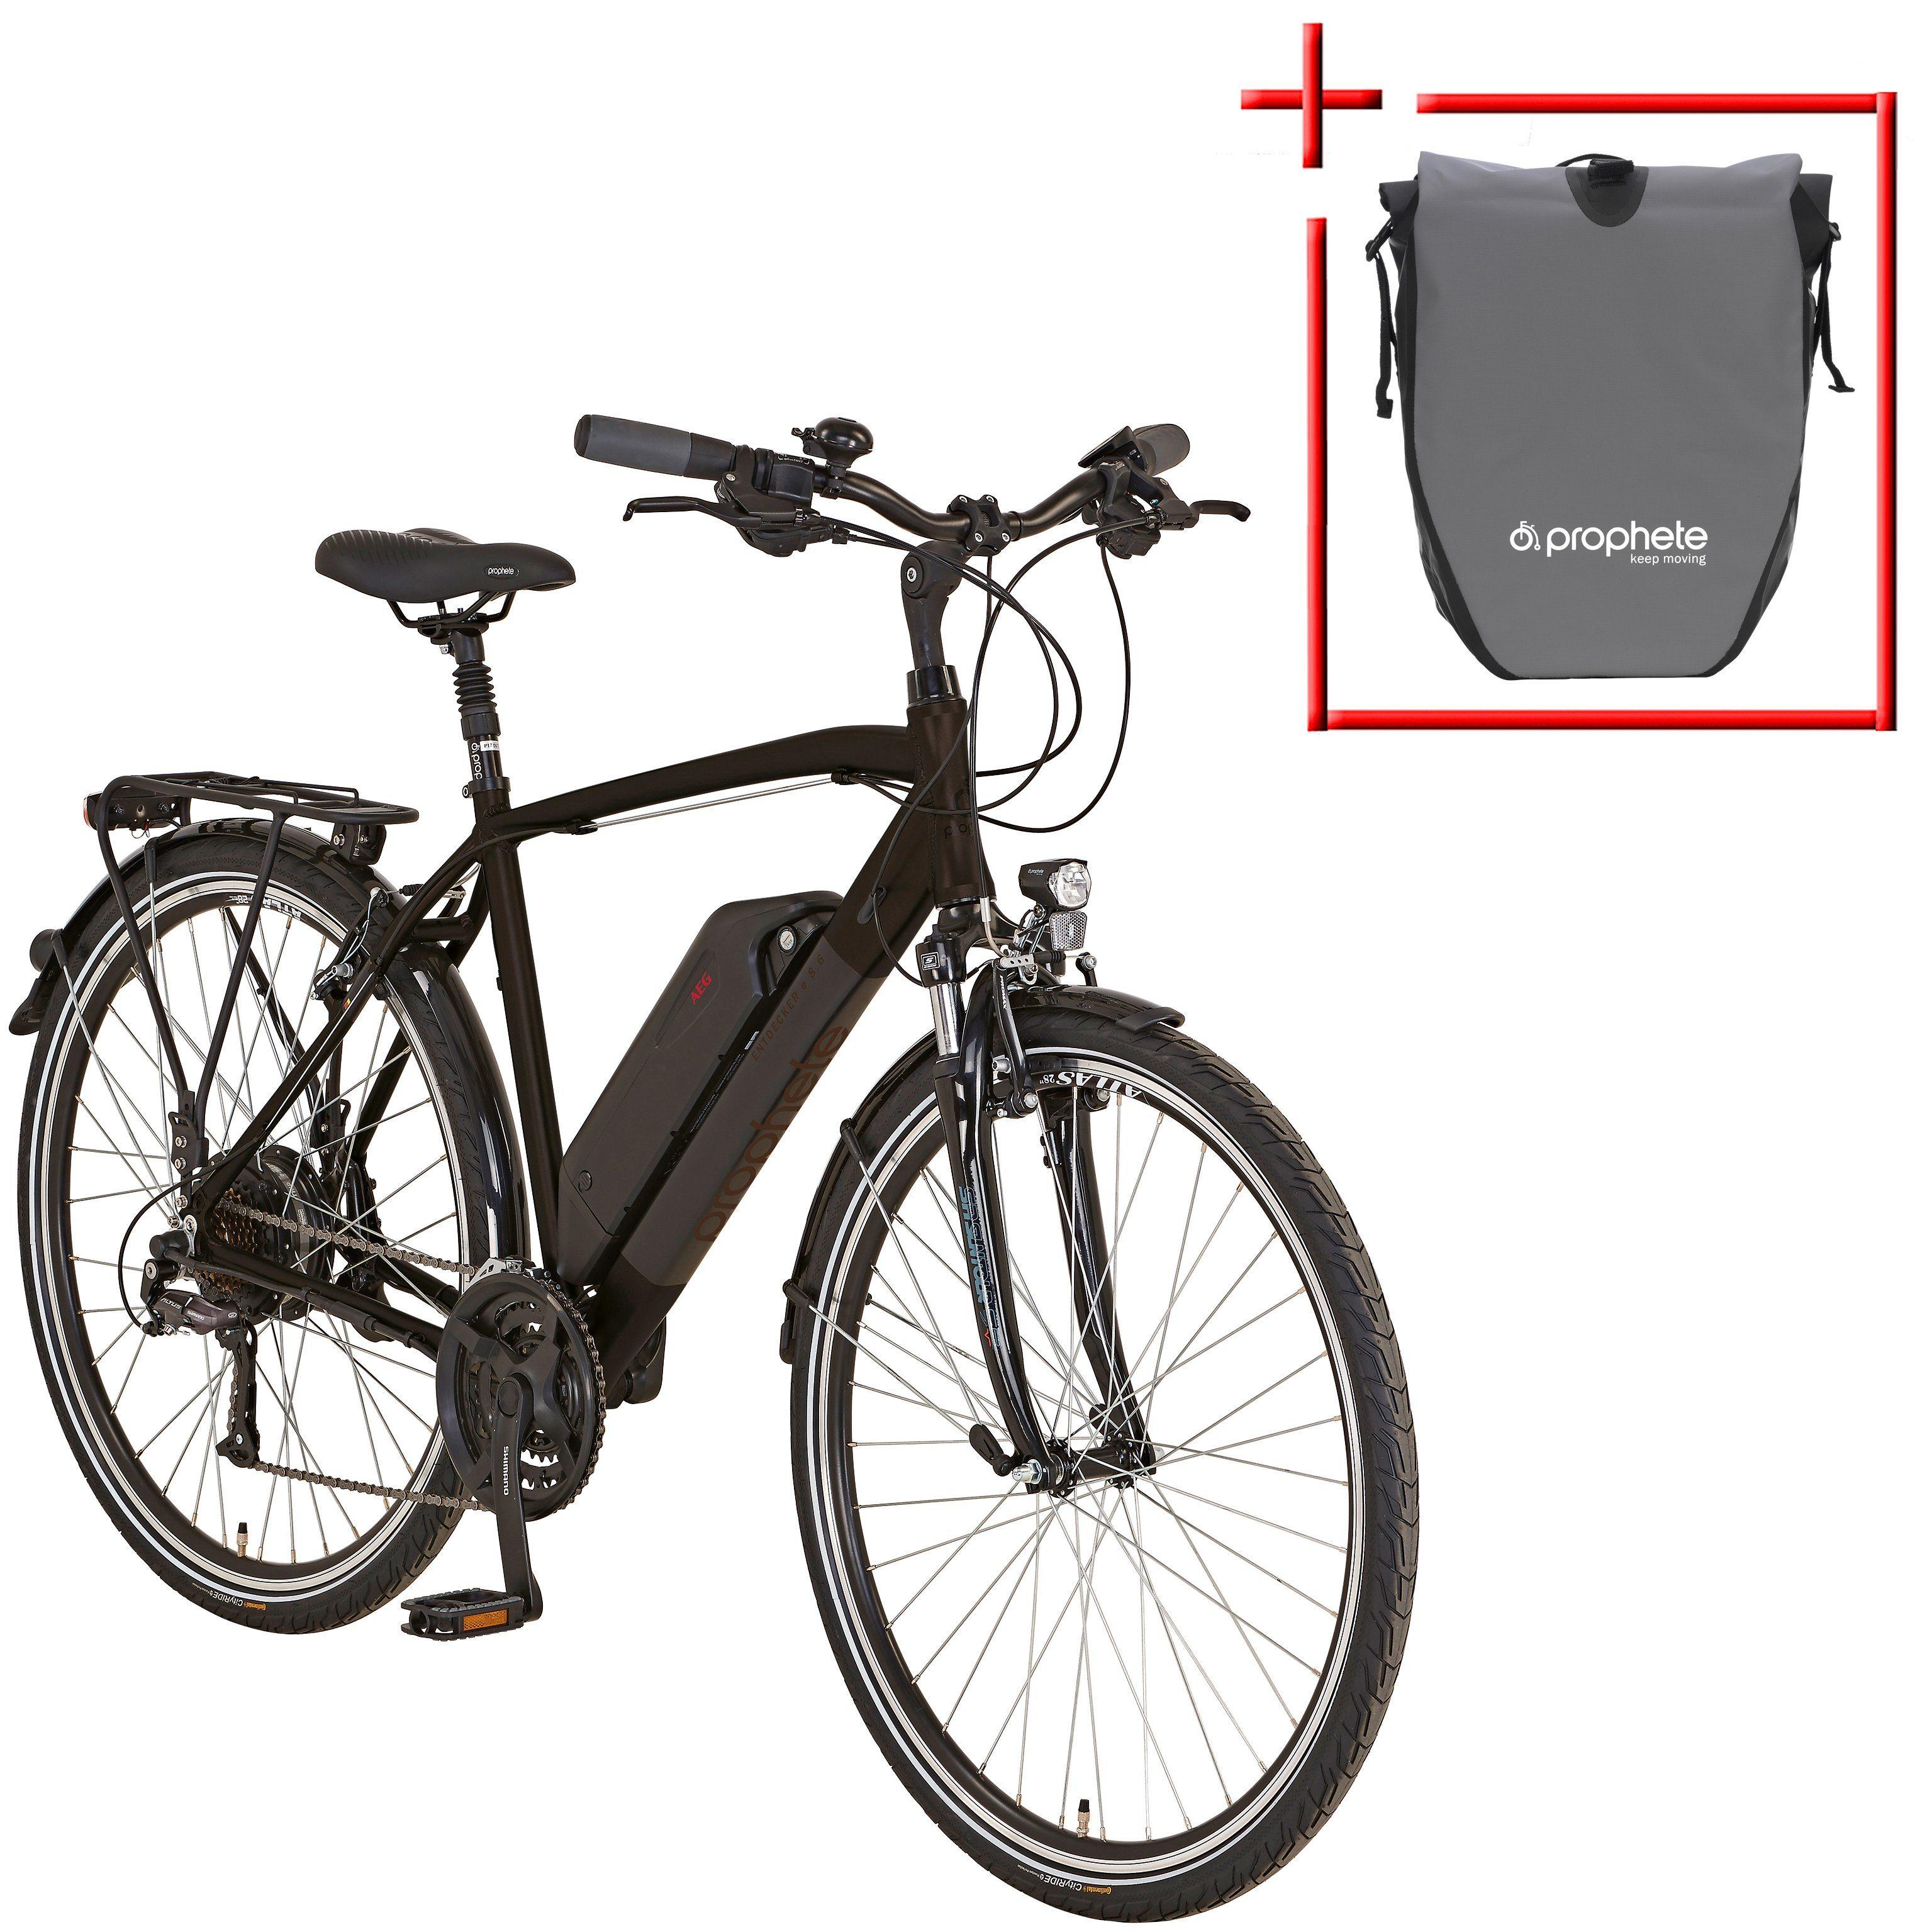 PROPHETE E-Bike Trekking Herren »Entdecker e860«, 28 Zoll, 24 Gang, Heckmotor, 374 Wh